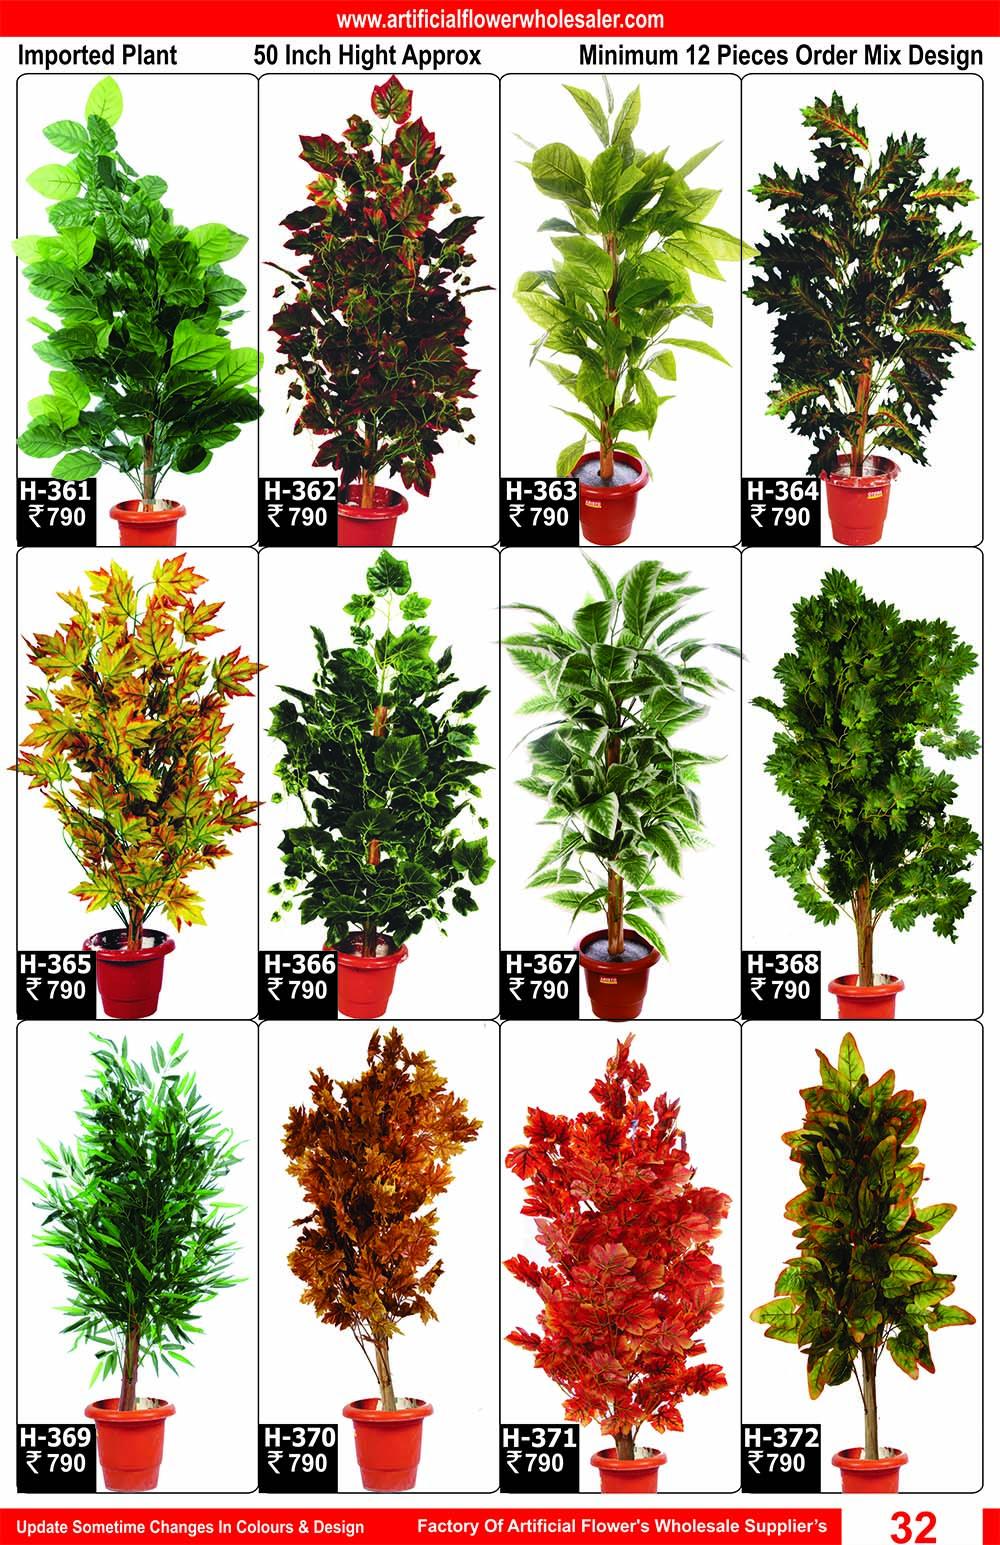 32-artificial-flower-wholesaler